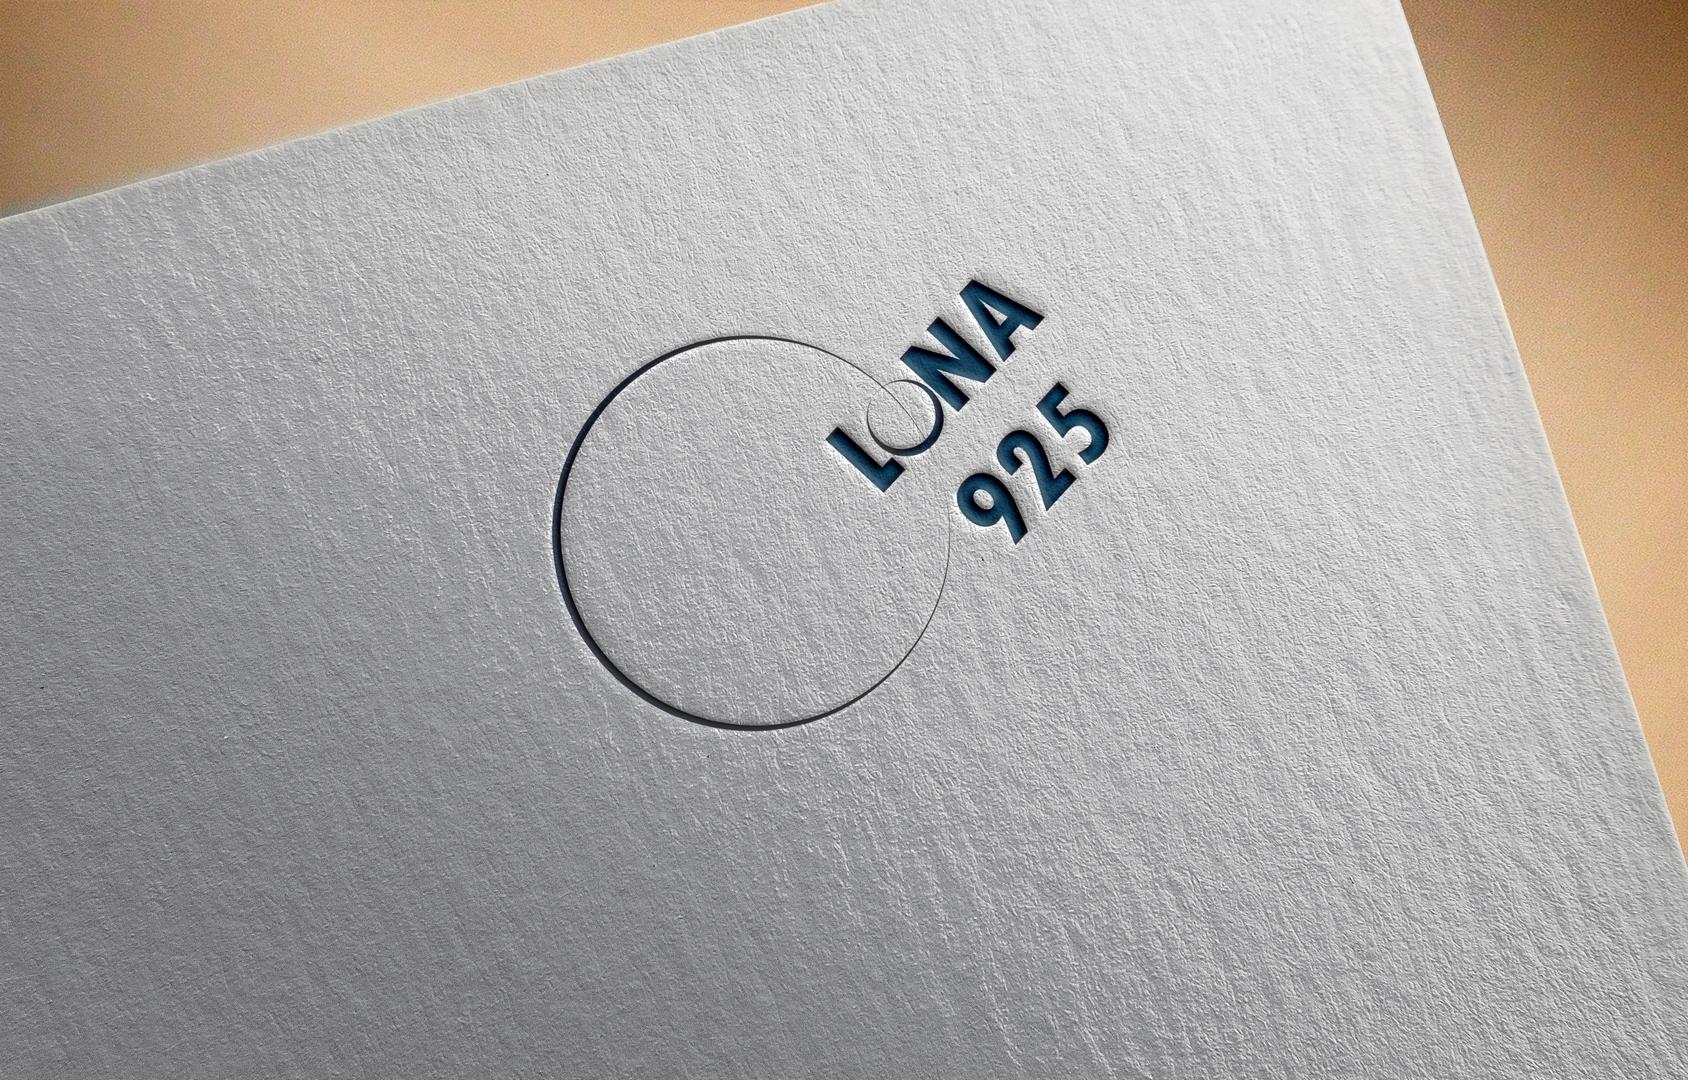 Логотип для столового серебра и посуды из серебра фото f_2015bac7dfba780f.jpg